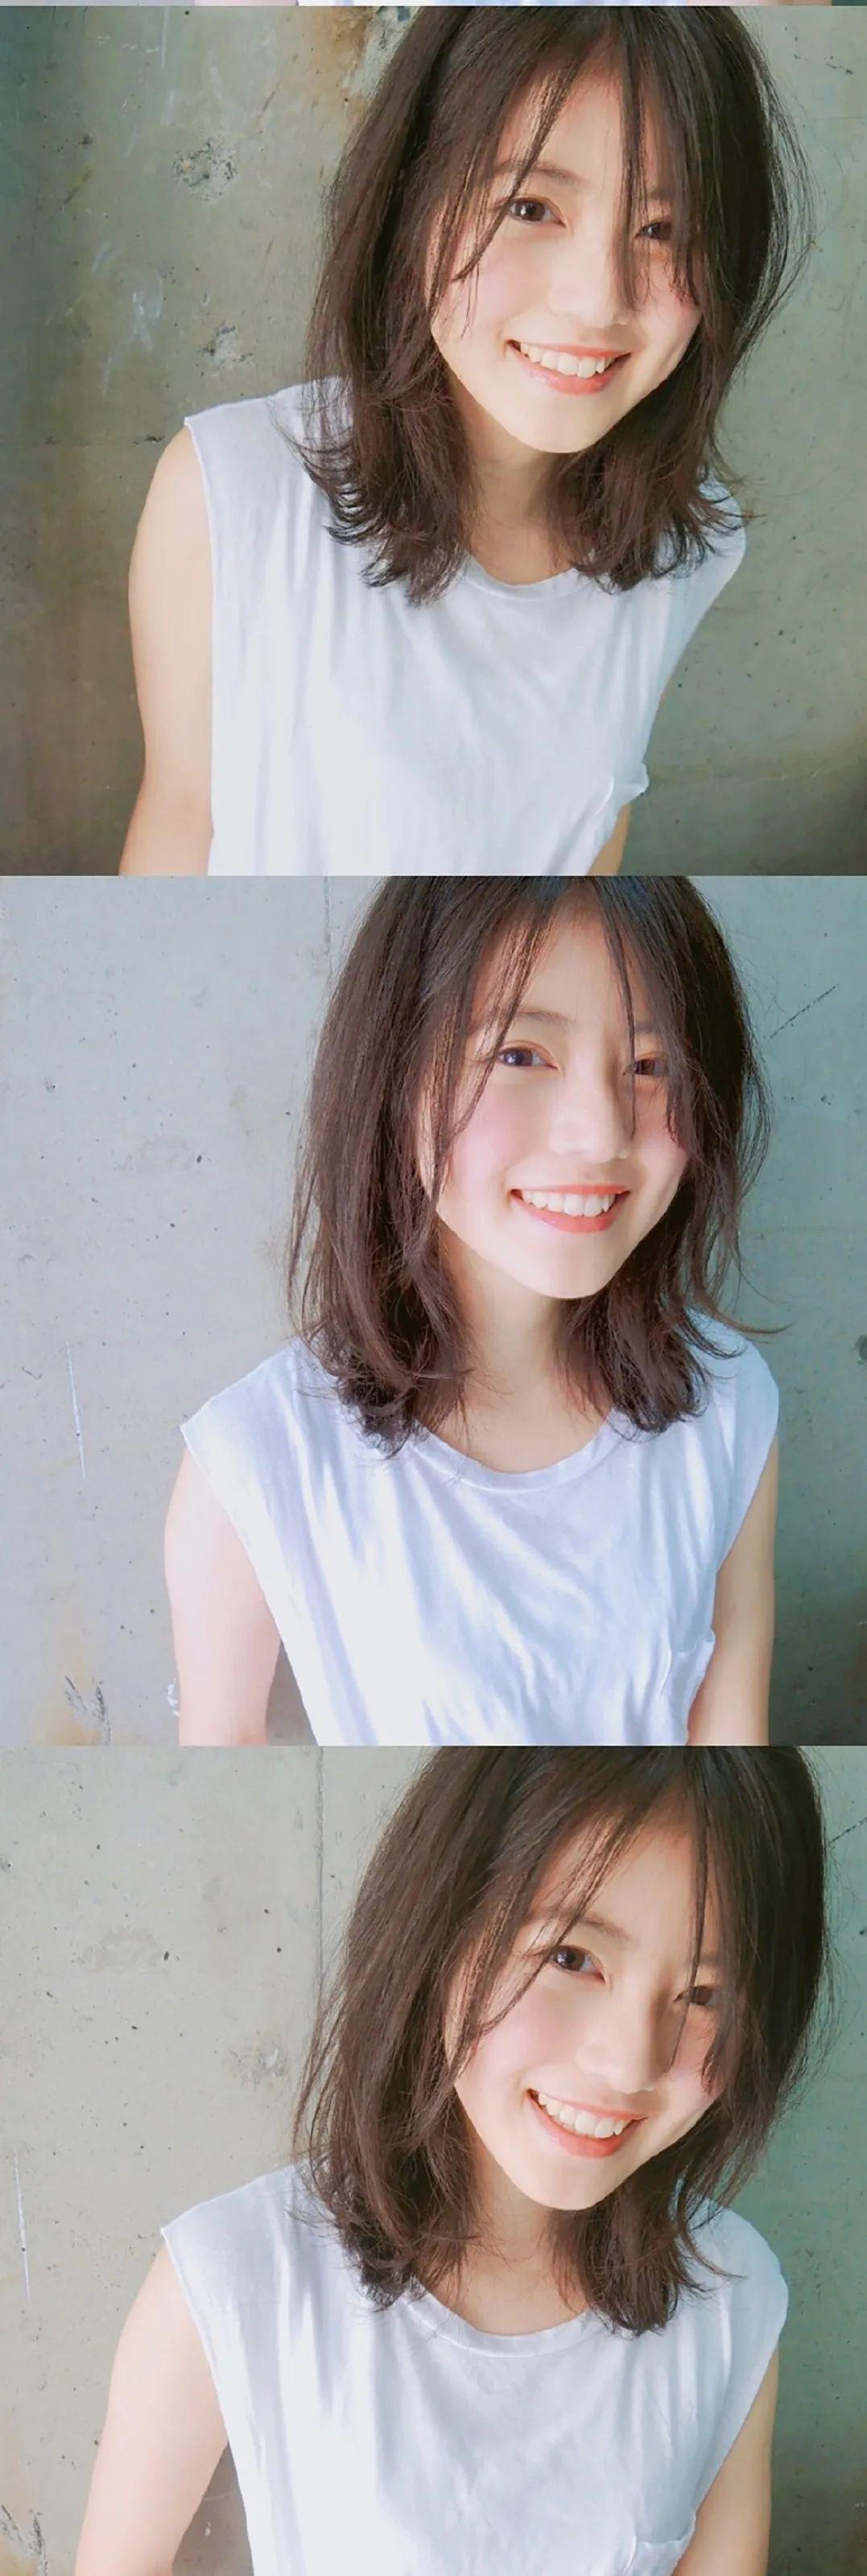 福冈第一美少女 今田美樱 写真_图片 No.3